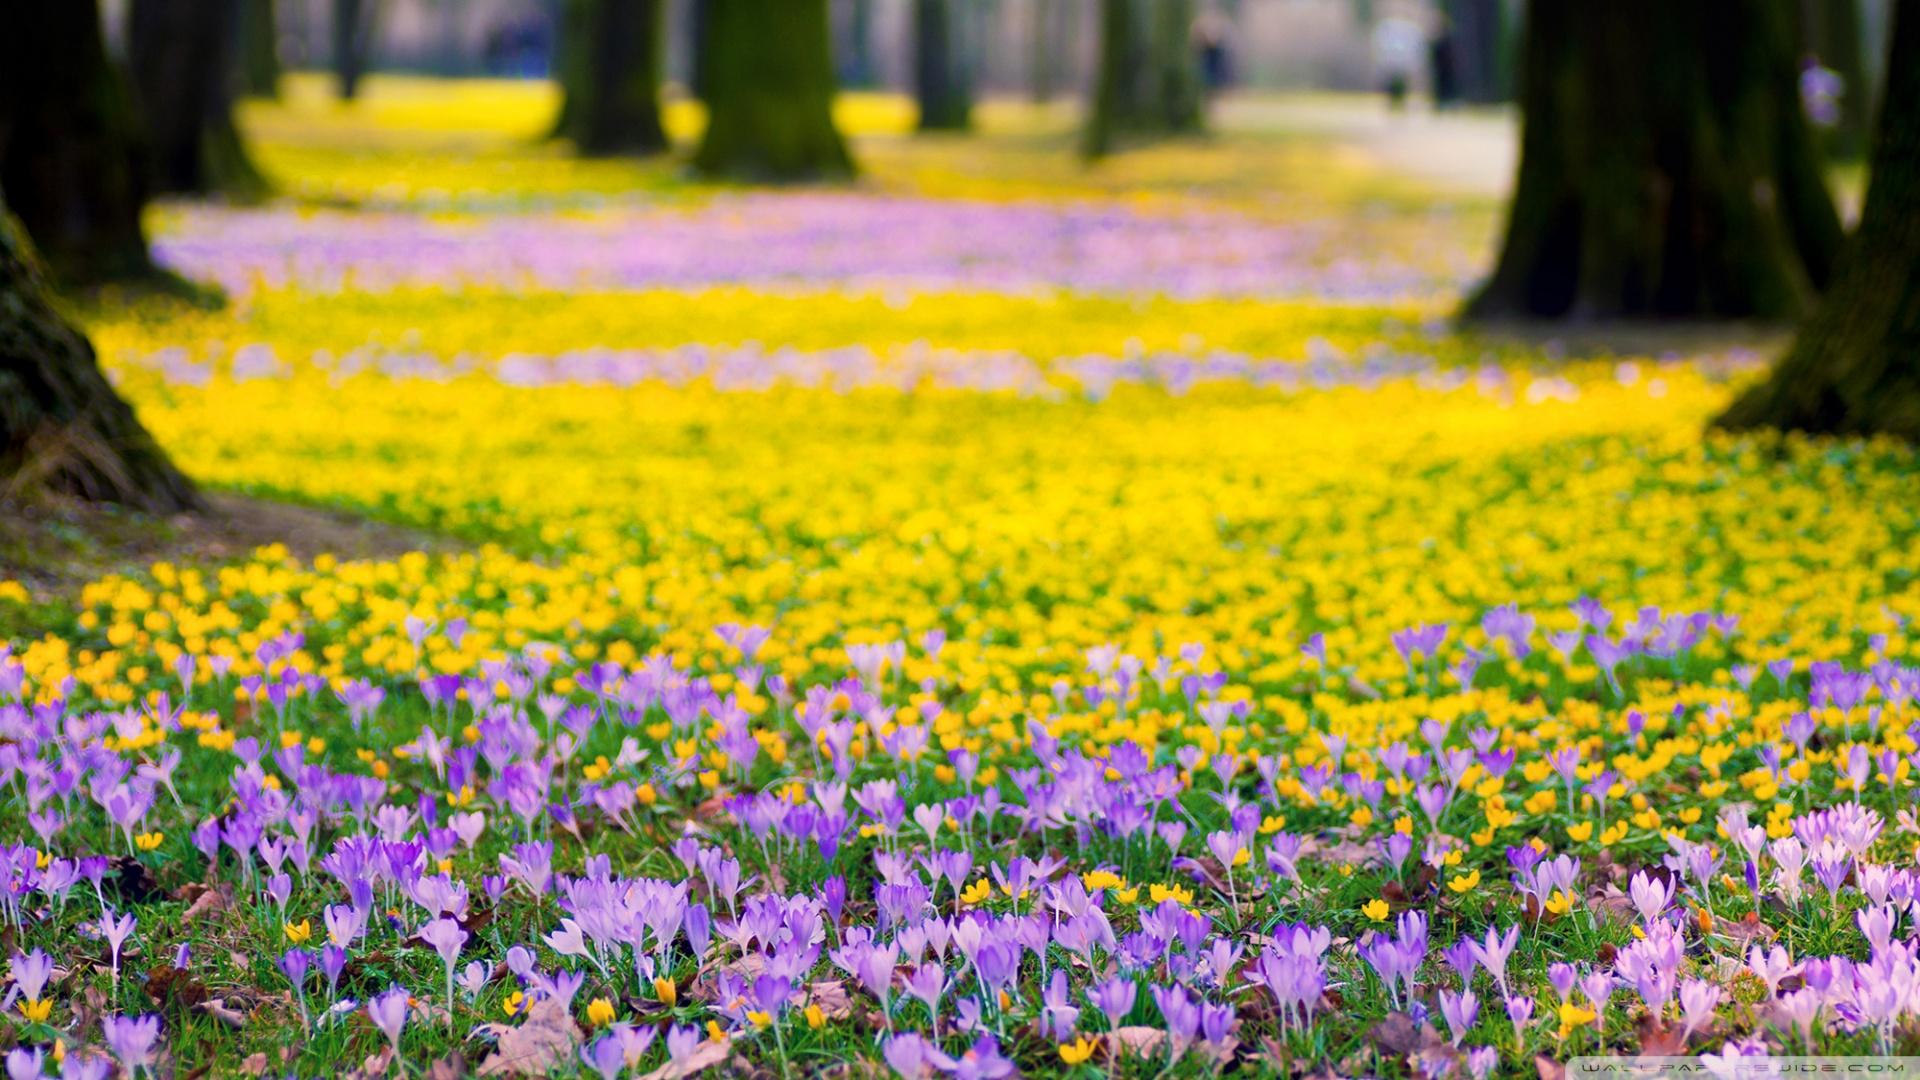 Spring Flowers Meadow Ultra HD Desktop Background Wallpaper for 4K 1920x1080